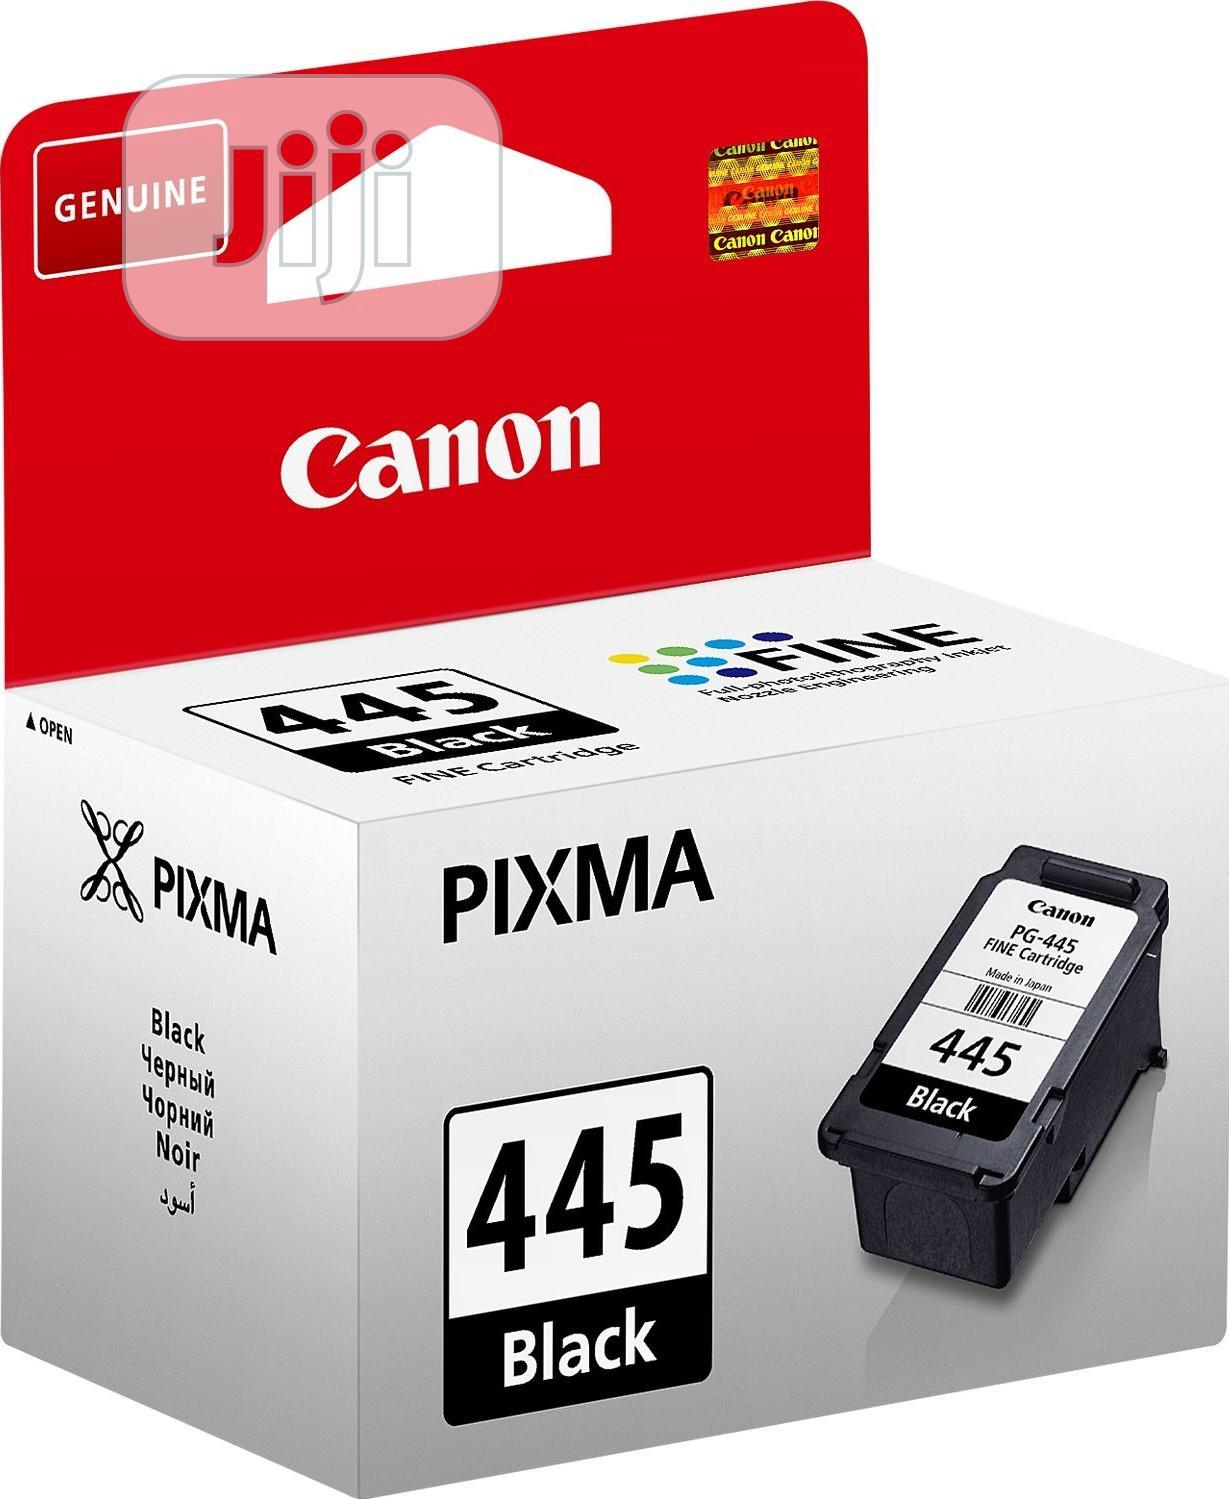 CANON Pg-445 Black Ink Catridge